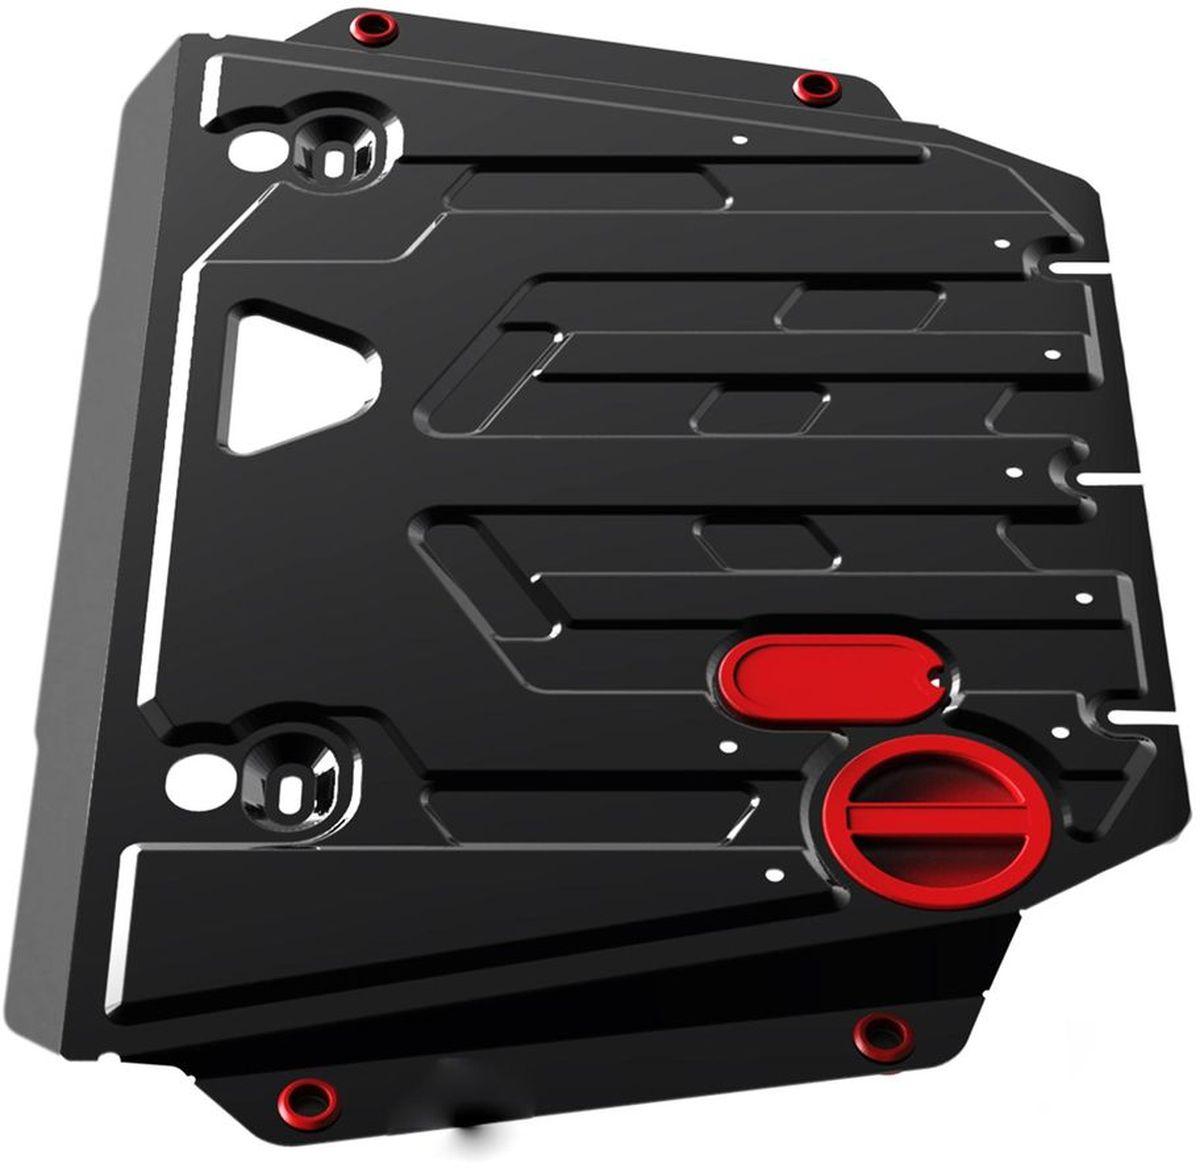 Защита картера и КПП Автоброня, для Citroen Berlingo/Citroen Xsara/Peugeot 306/Partner/Renault Kangoo/Daewoo Орион М1AdvoCam-FD-ONEТехнологически совершенный продукт за невысокую стоимость.Защита разработана с учетом особенностей днища автомобиля, что позволяет сохранить дорожный просвет с минимальным изменением.Защита устанавливается в штатные места кузова автомобиля. Глубокий штамп обеспечивает до двух раз больше жесткости в сравнении с обычной защитой той же толщины. Проштампованные ребра жесткости препятствуют деформации защиты при ударах.Тепловой зазор и вентиляционные отверстия обеспечивают сохранение температурного режима двигателя в норме. Скрытый крепеж предотвращает срыв крепежных элементов при наезде на препятствие.Шумопоглощающие резиновые элементы обеспечивают комфортную езду без вибраций и скрежета металла, а съемные лючки для слива масла и замены фильтра - экономию средств и время.Конструкция изделия не влияет на пассивную безопасность автомобиля (при ударе защита не воздействует на деформационные зоны кузова). Со штатным крепежом. В комплекте инструкция по установке.Толщина стали: 2 мм.Уважаемые клиенты!Обращаем ваше внимание, что элемент защиты имеет форму, соответствующую модели данного автомобиля. Фото служит для визуального восприятия товара и может отличаться от фактического.